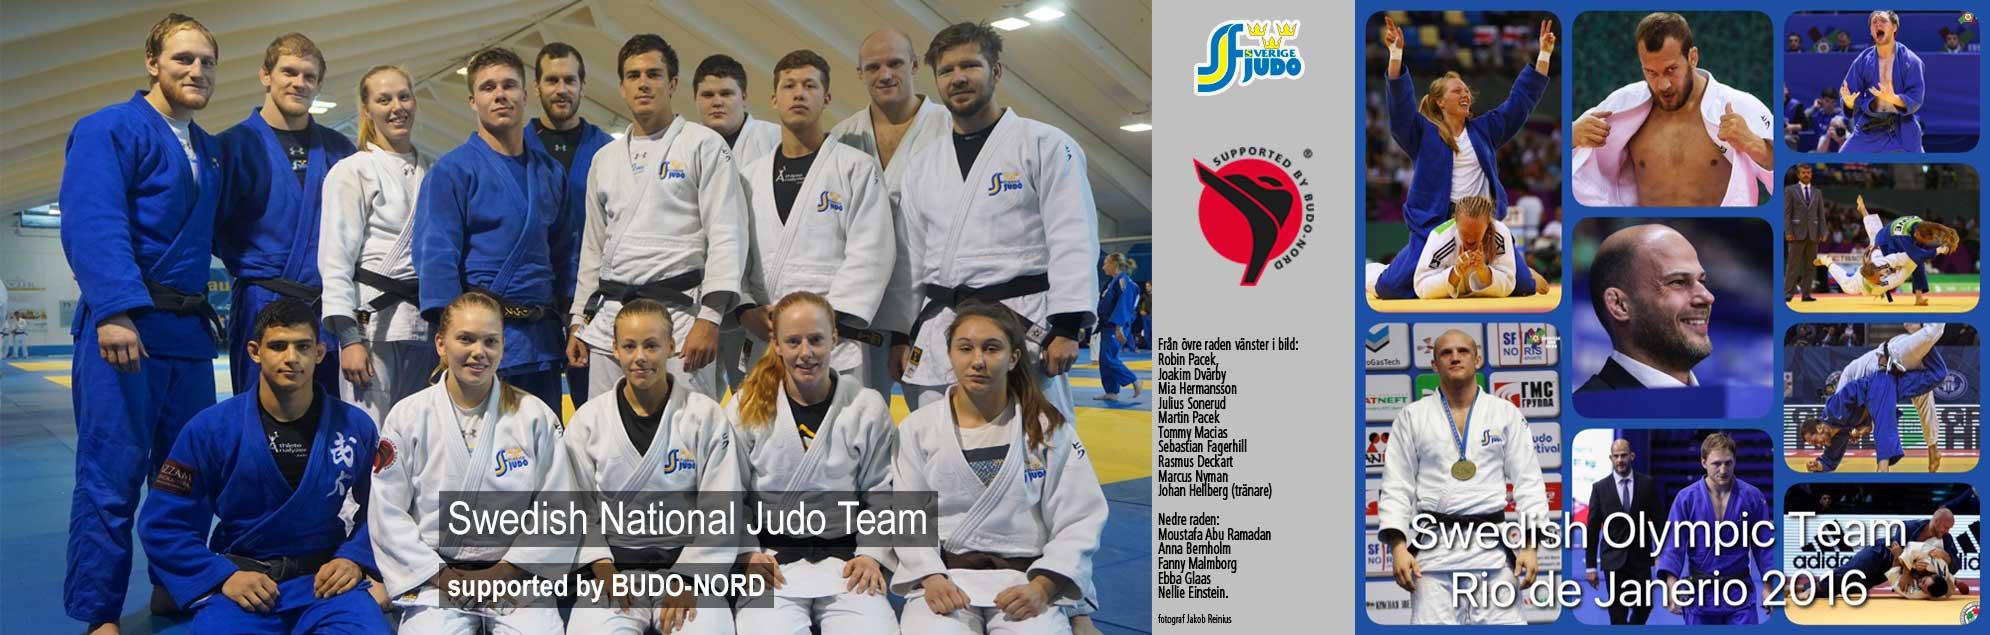 Budo-Nord Team Judo landslaget och OS team